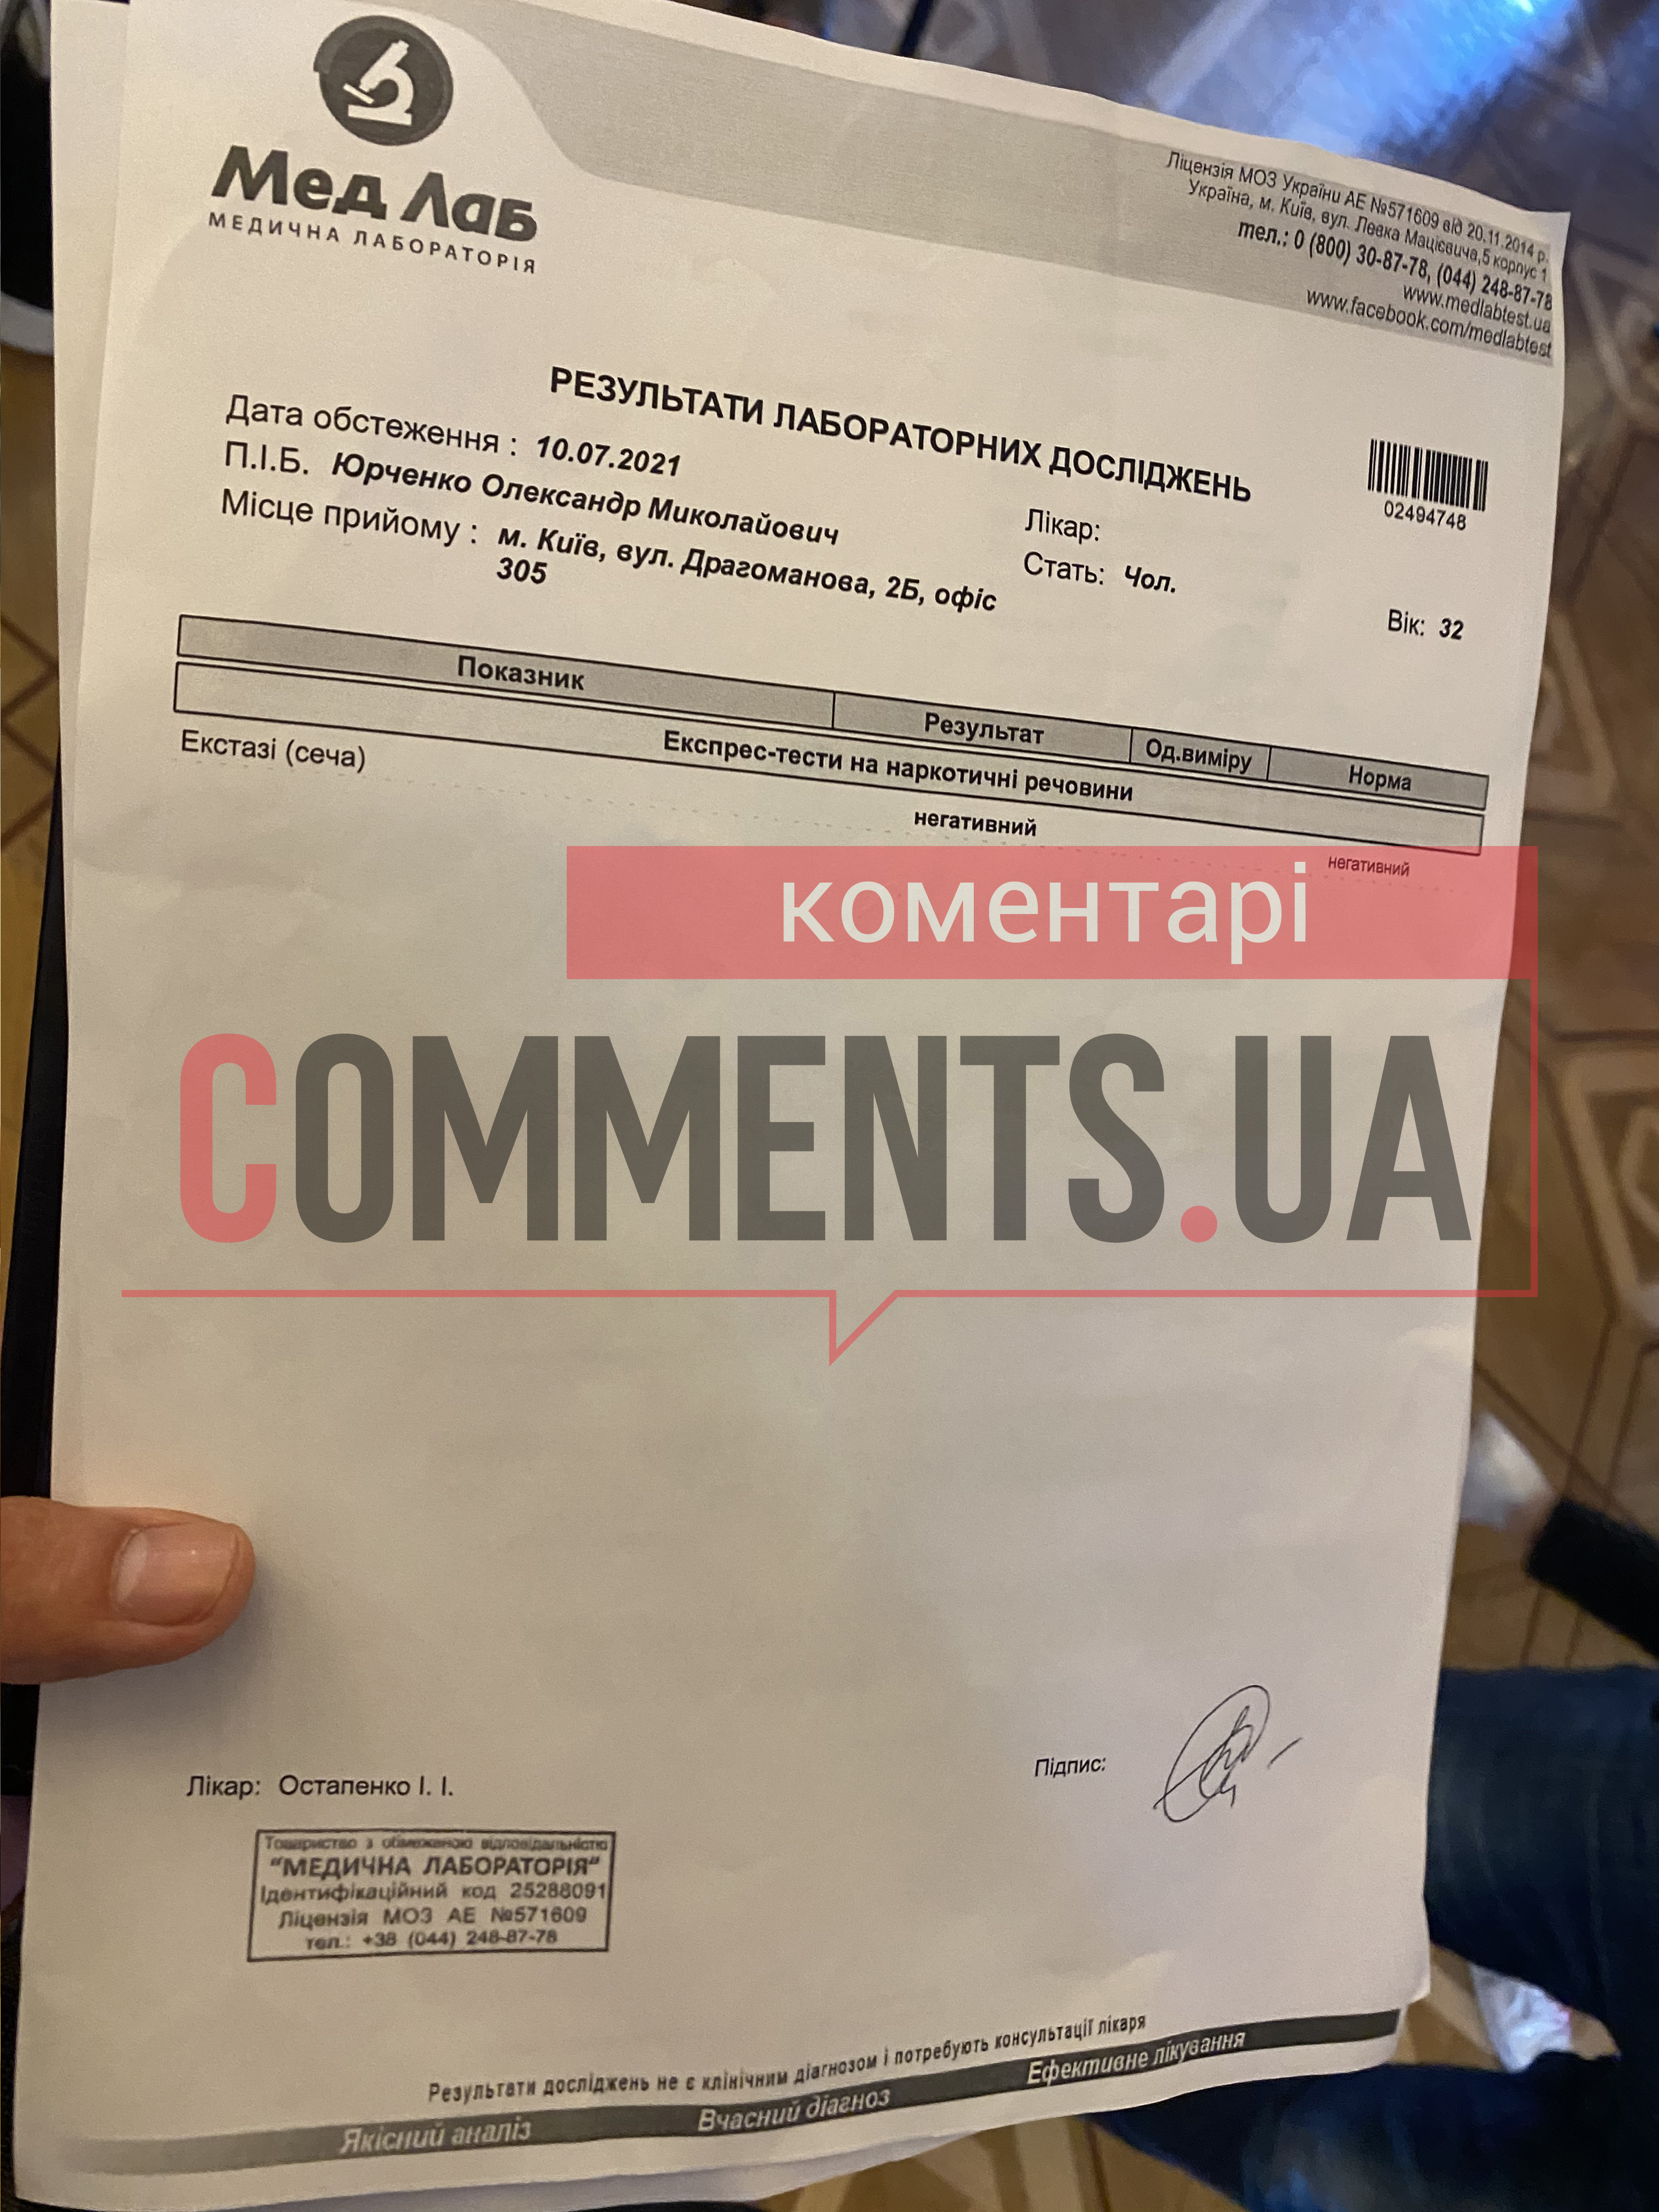 Скандальное ДТП во Львове: сдаст ли мандат нардеп Юрченко из-за теста на наркотики (ФОТО) - фото 2